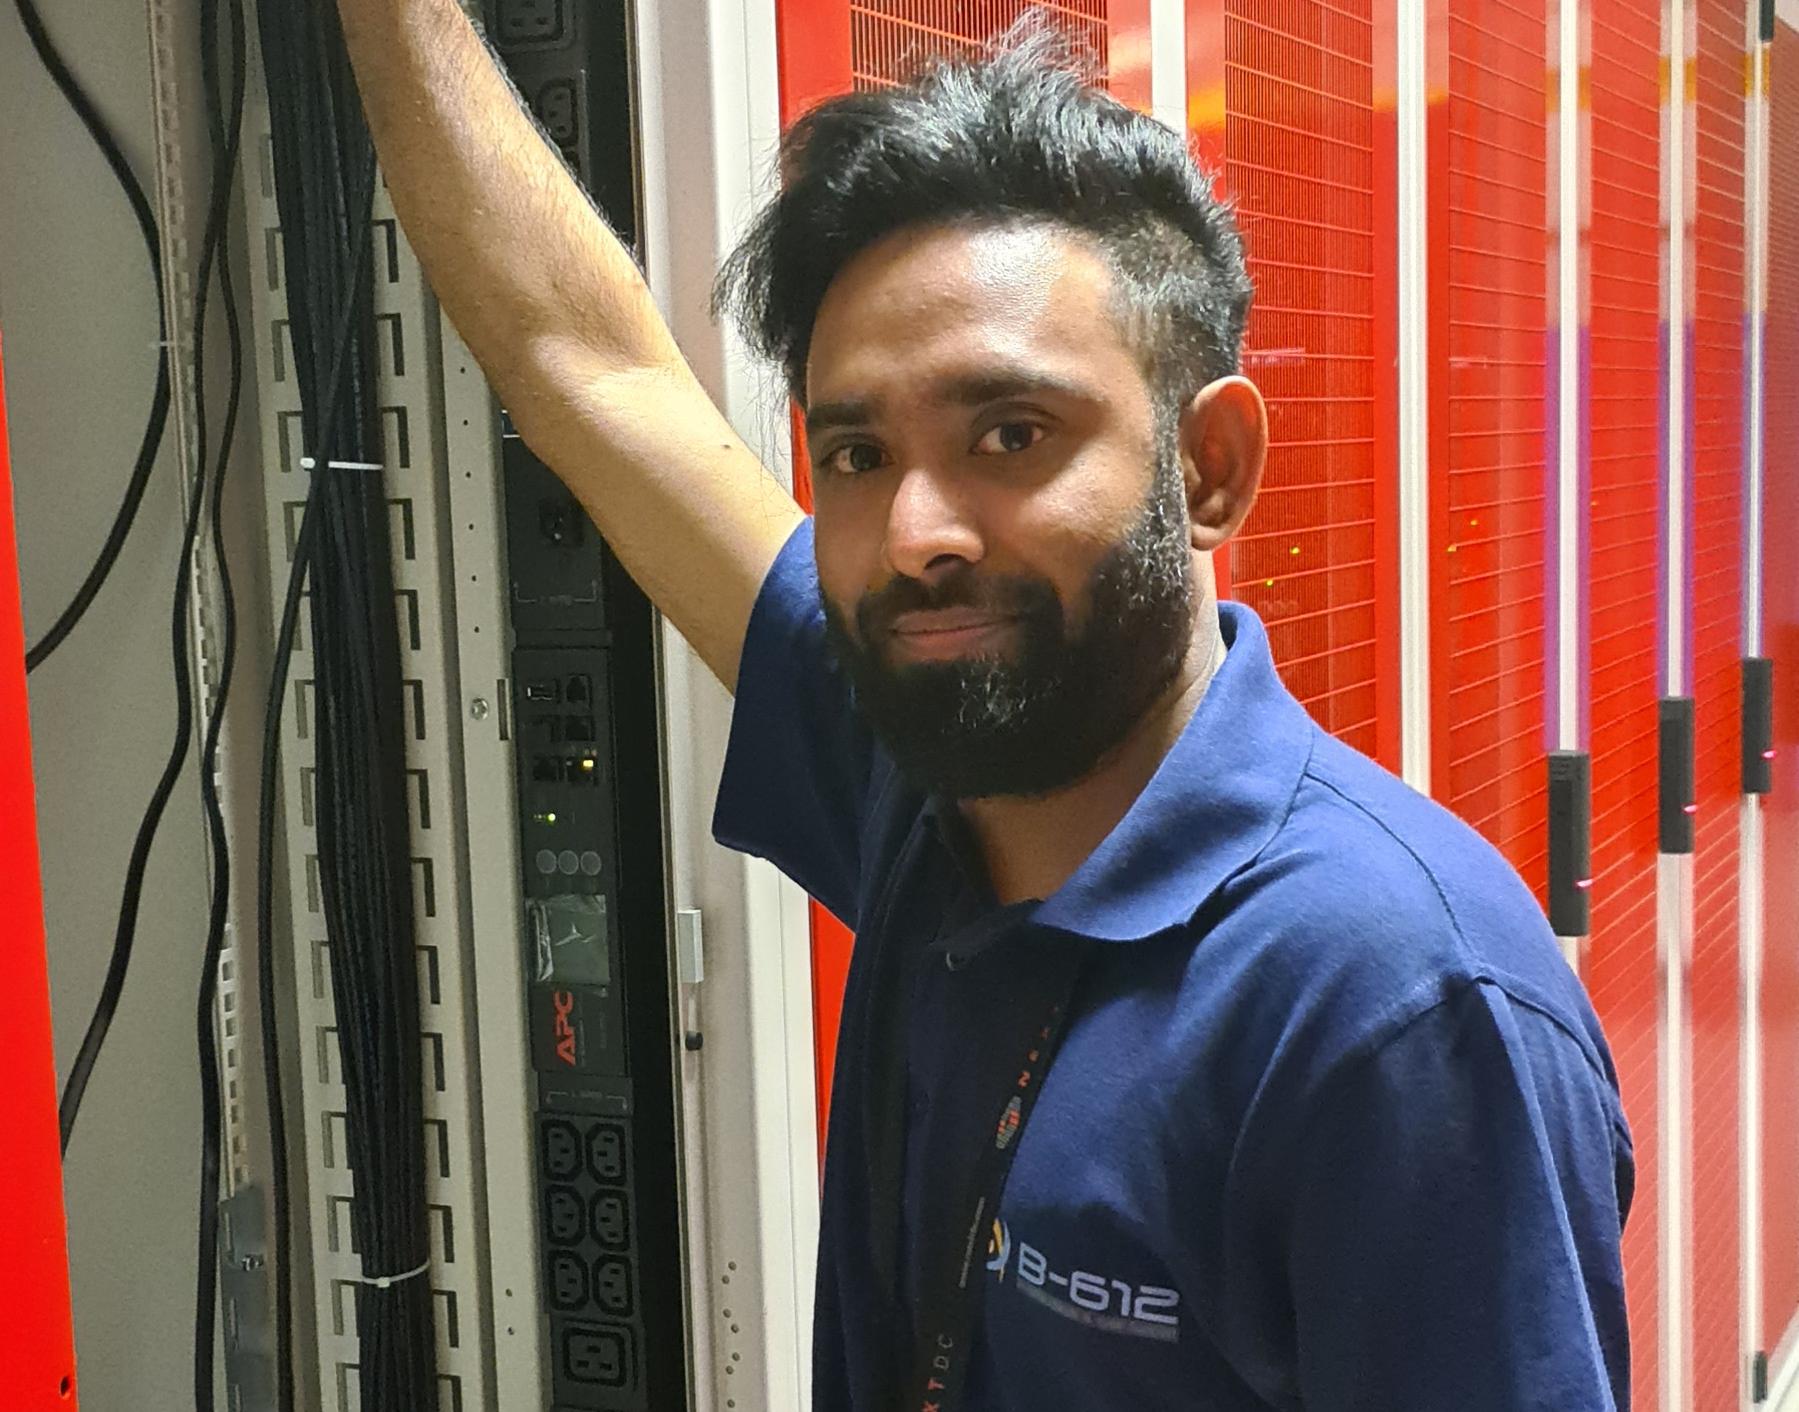 Engineer installing a rack inside a data center